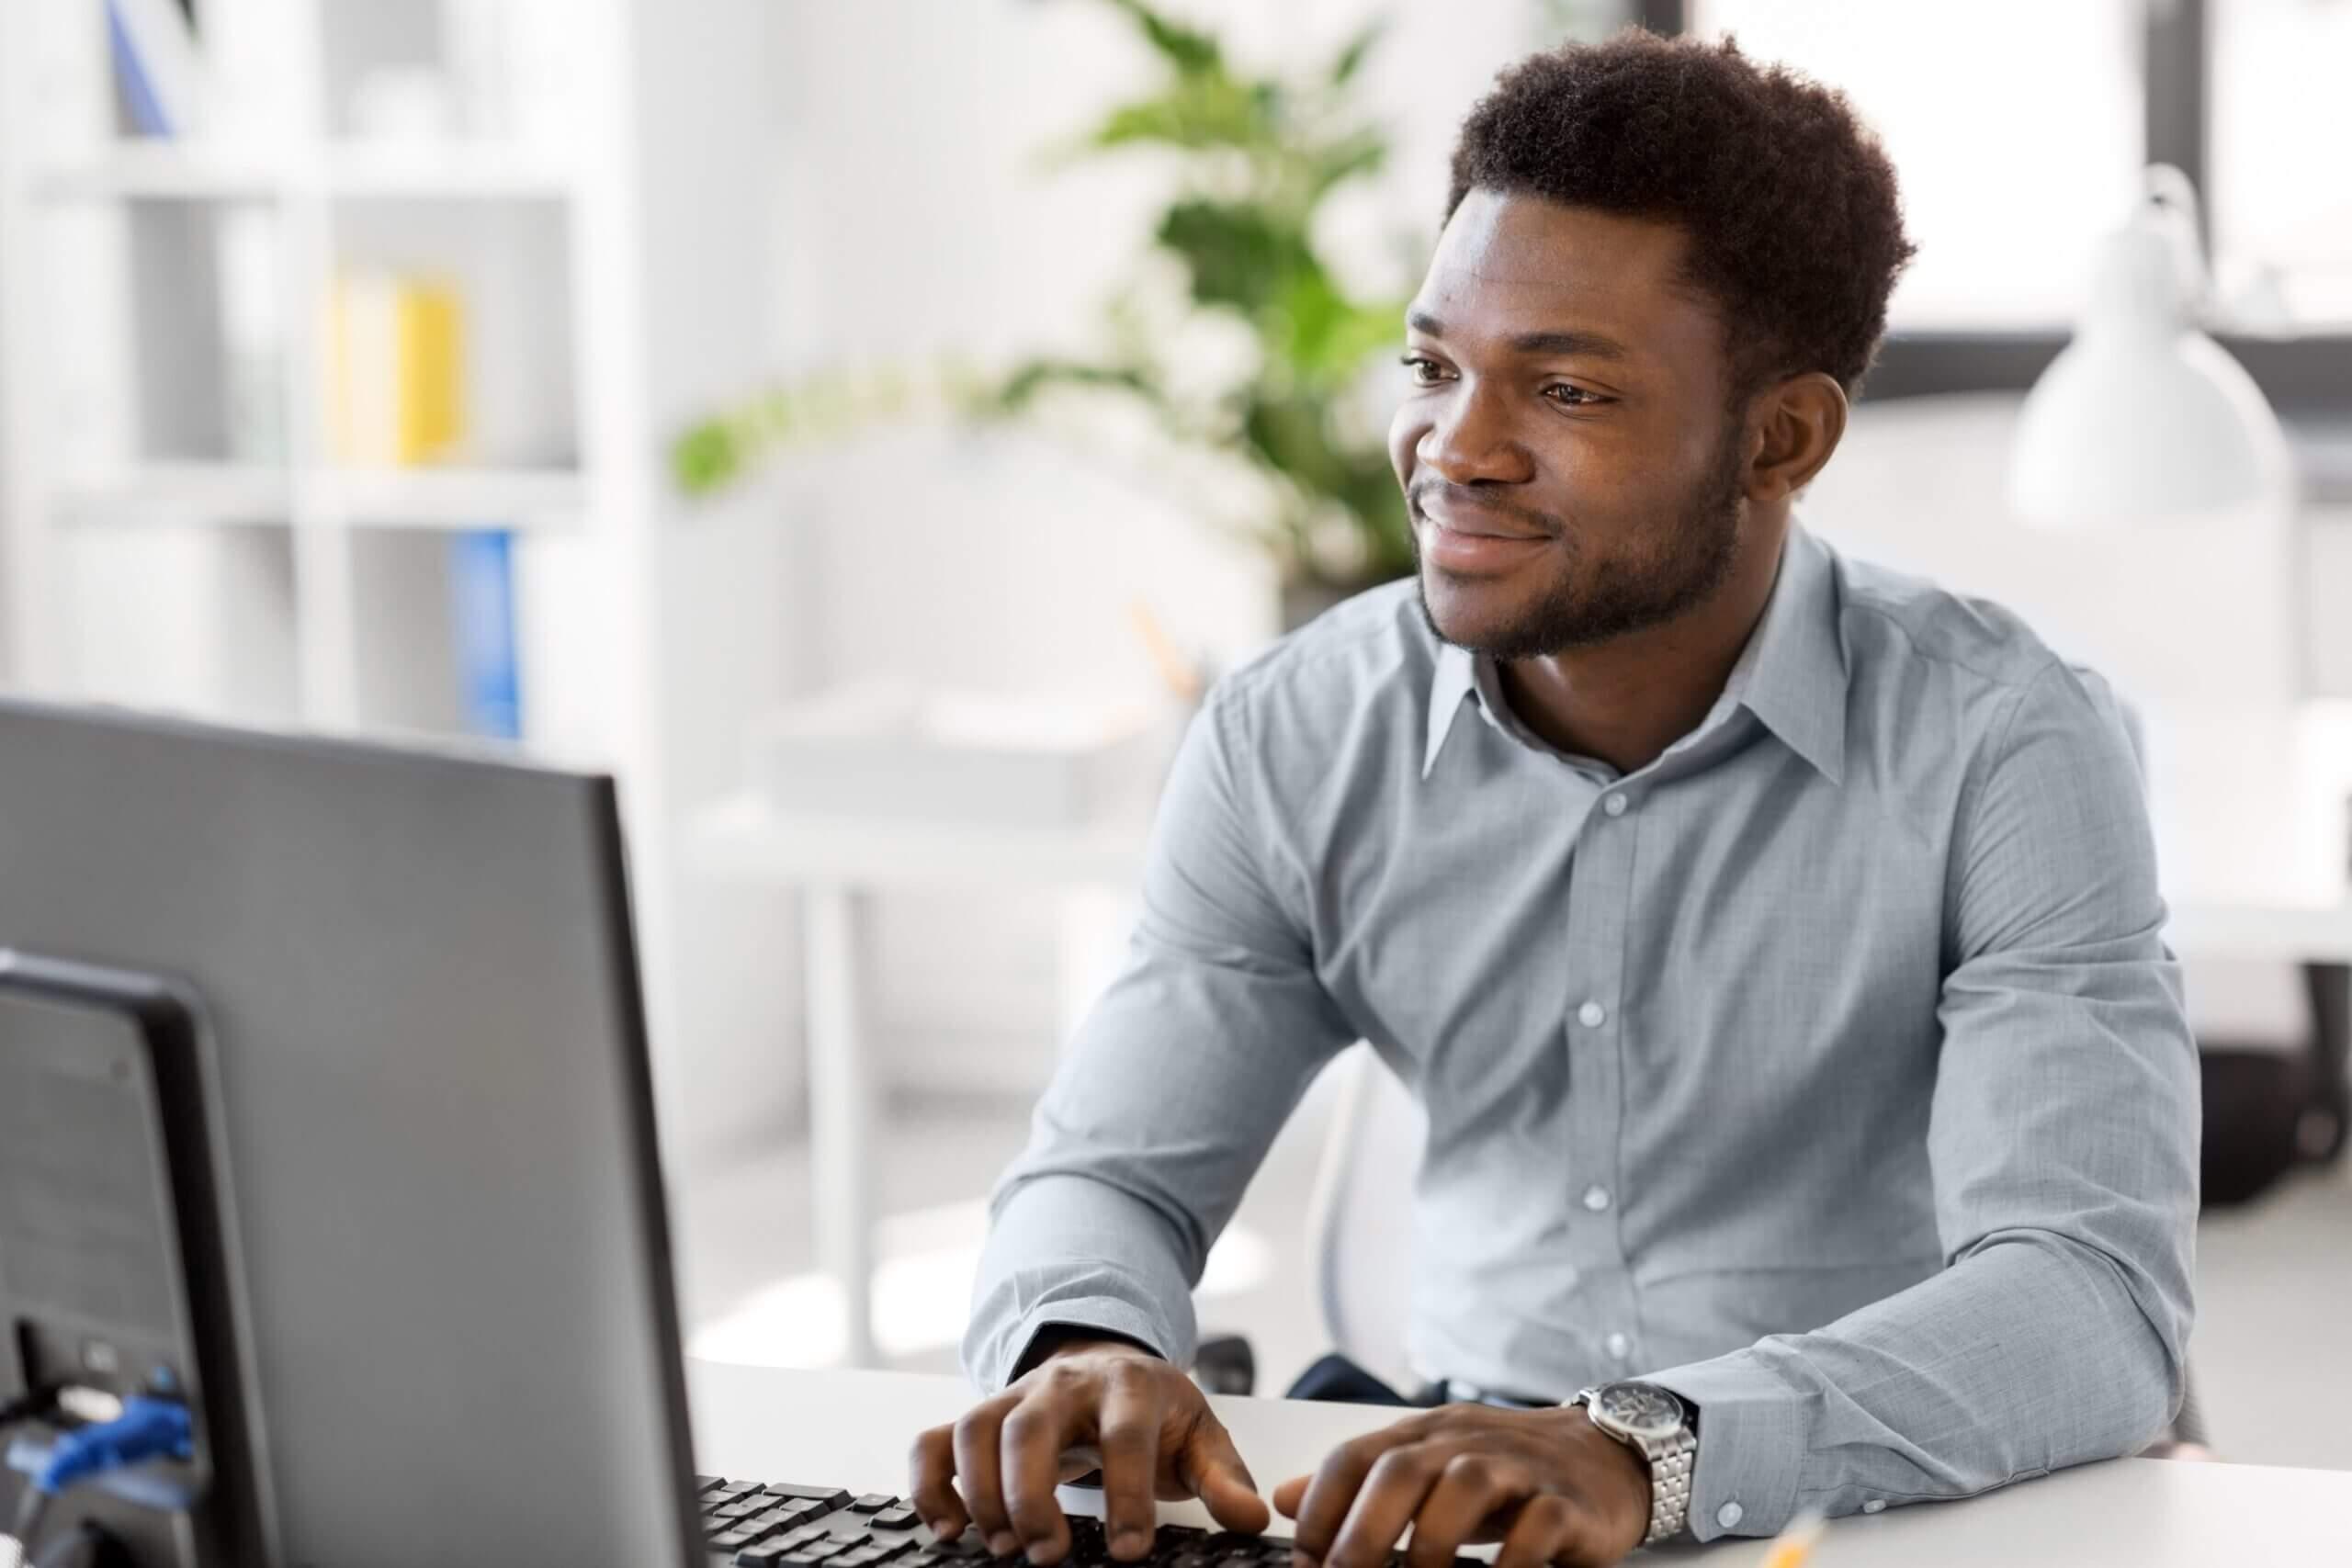 Home negro ao computador, sorrindo.